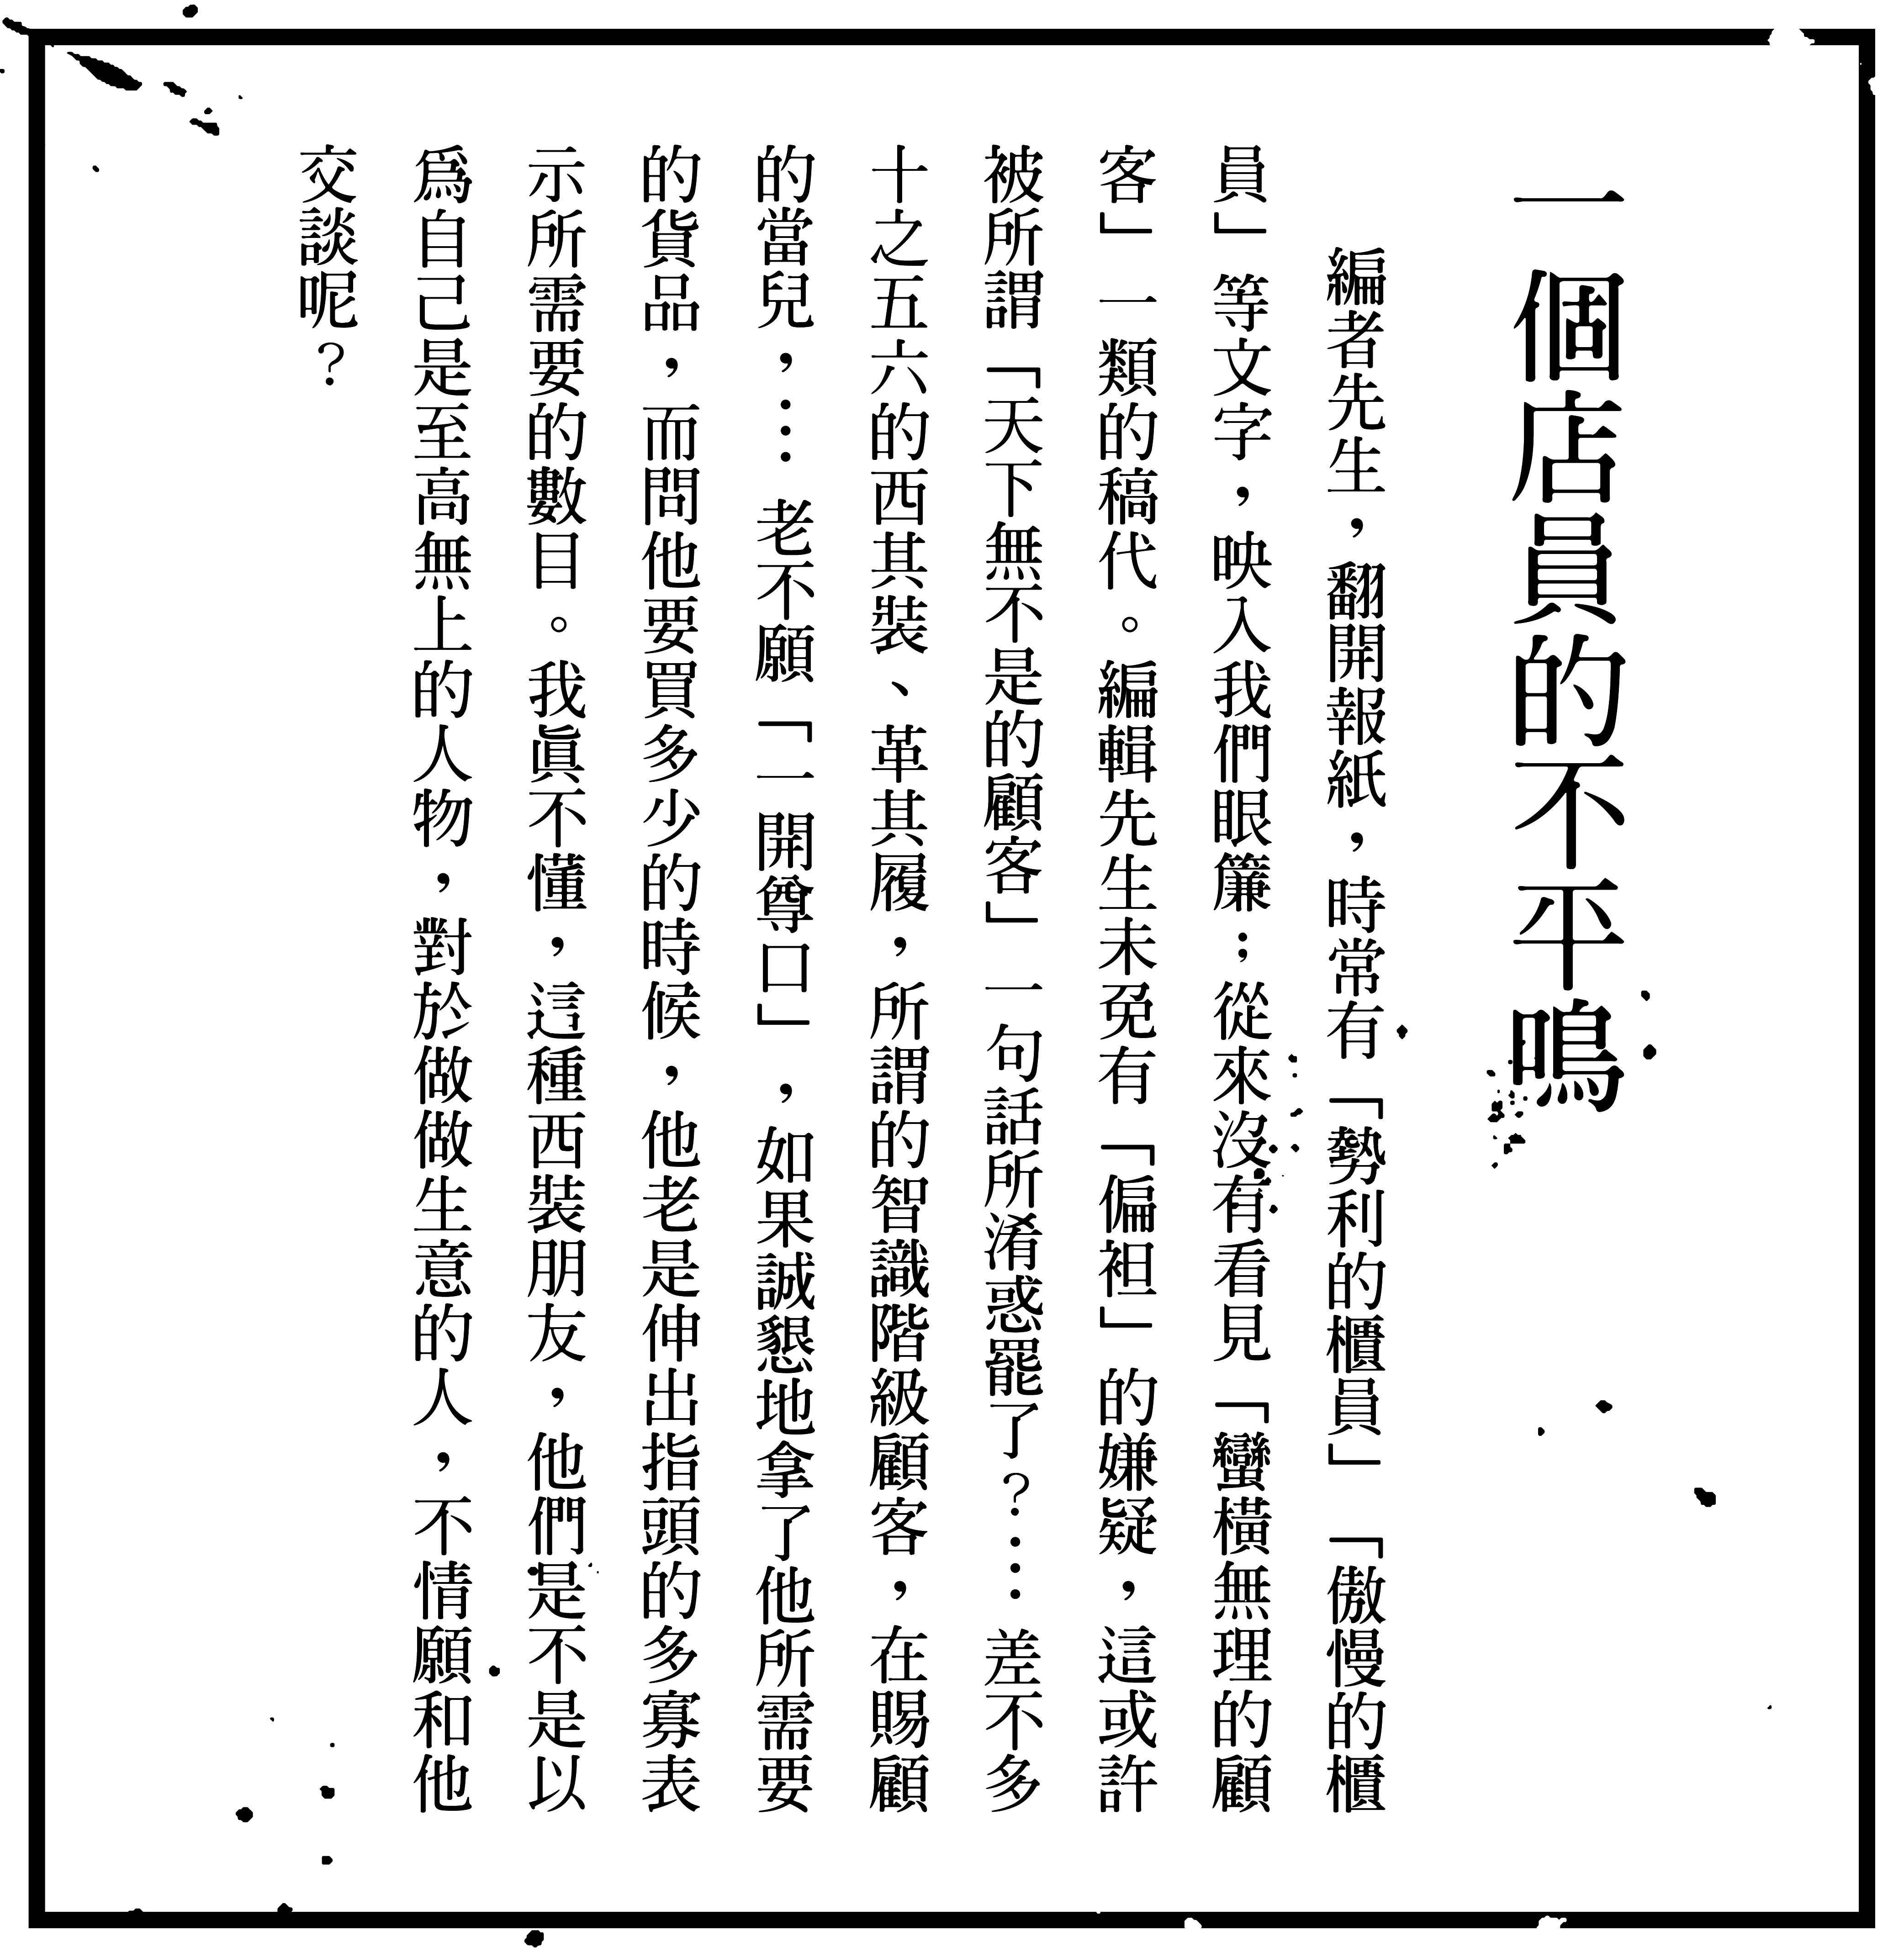 圖│研之有物(摘自〈一個店員的不平鳴〉,《申報》, 1933 年 1 月 24 日,本埠增刊第2版)